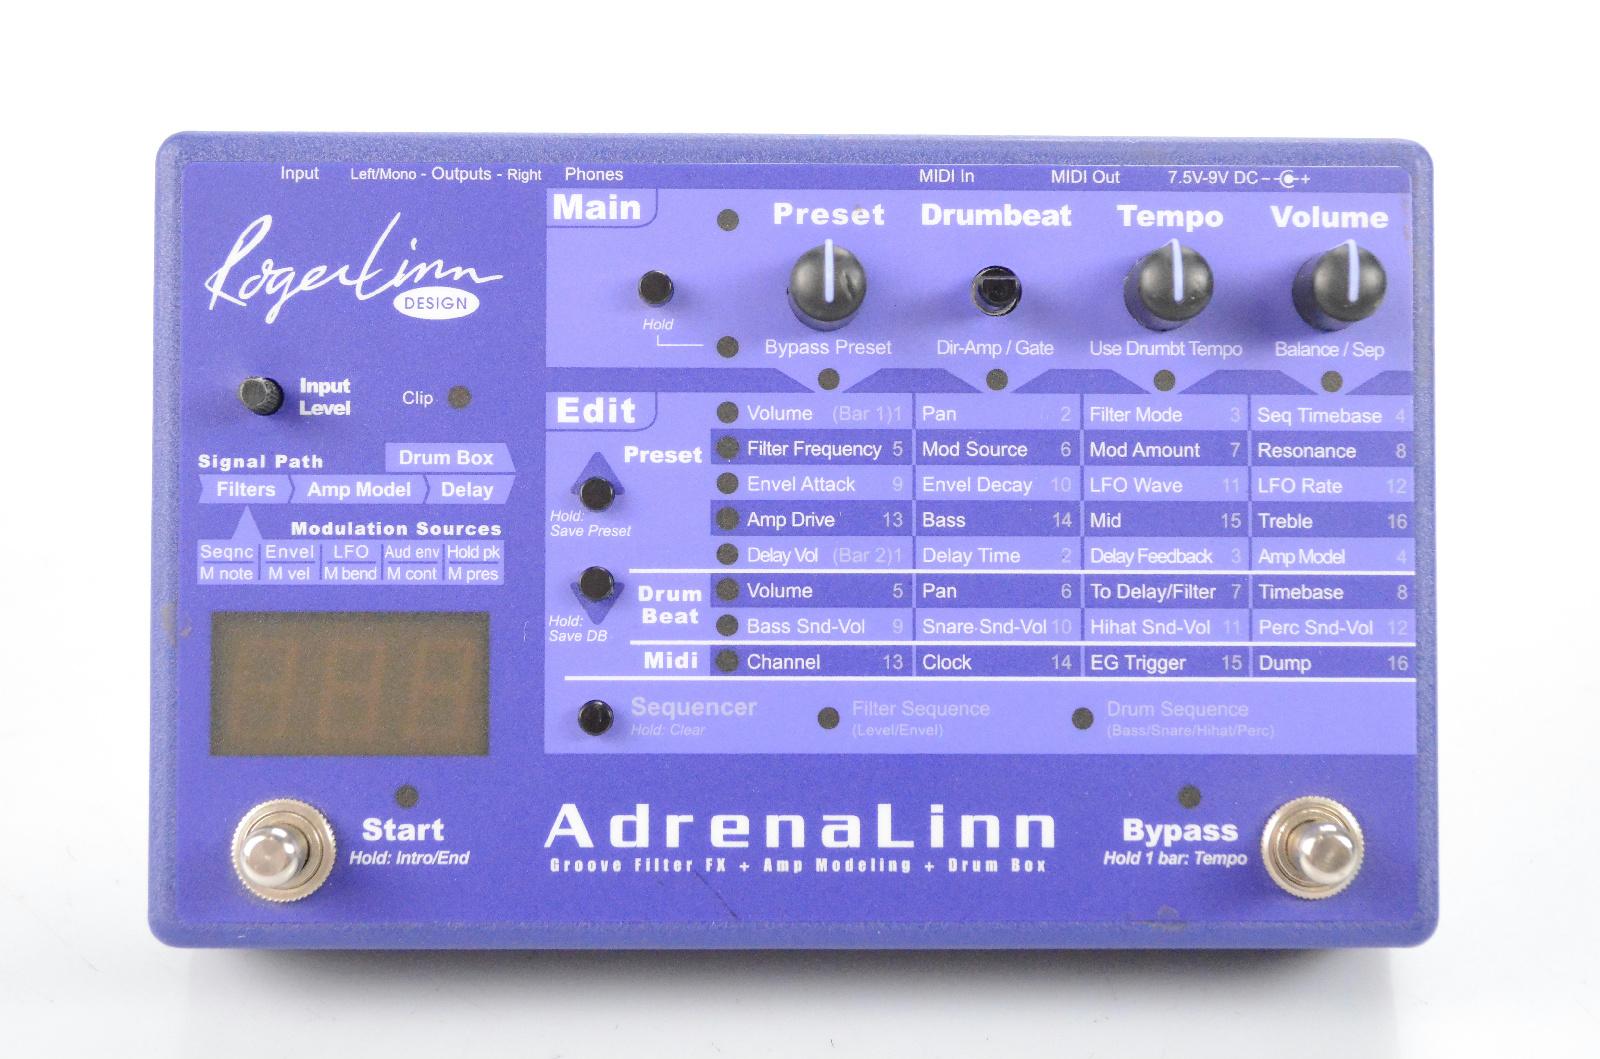 Roger Linn AdrenaLinn I Multi-Effect Amp Modeling & Drum Box Pedal w/ PSU #32175